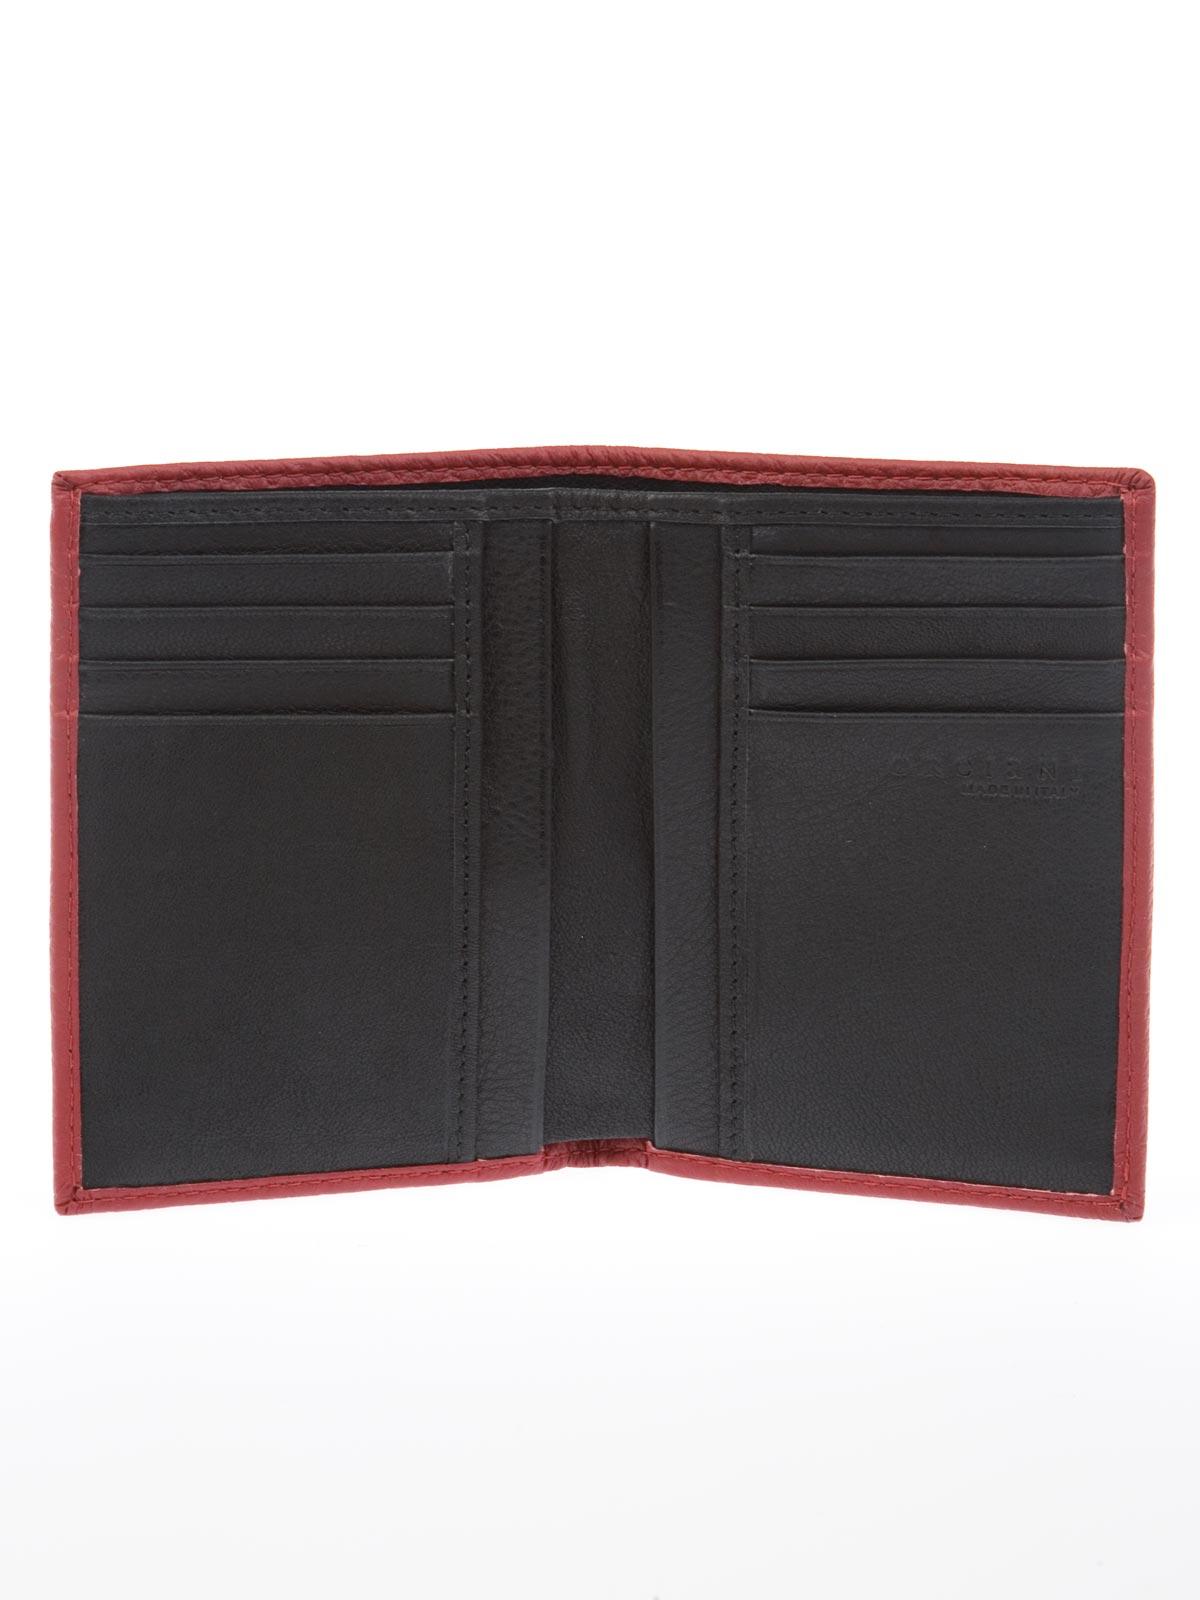 13e5c76643 ORCIANI WALLET PORTAFOGLI RED | SU0045 | Botta & B Online Store